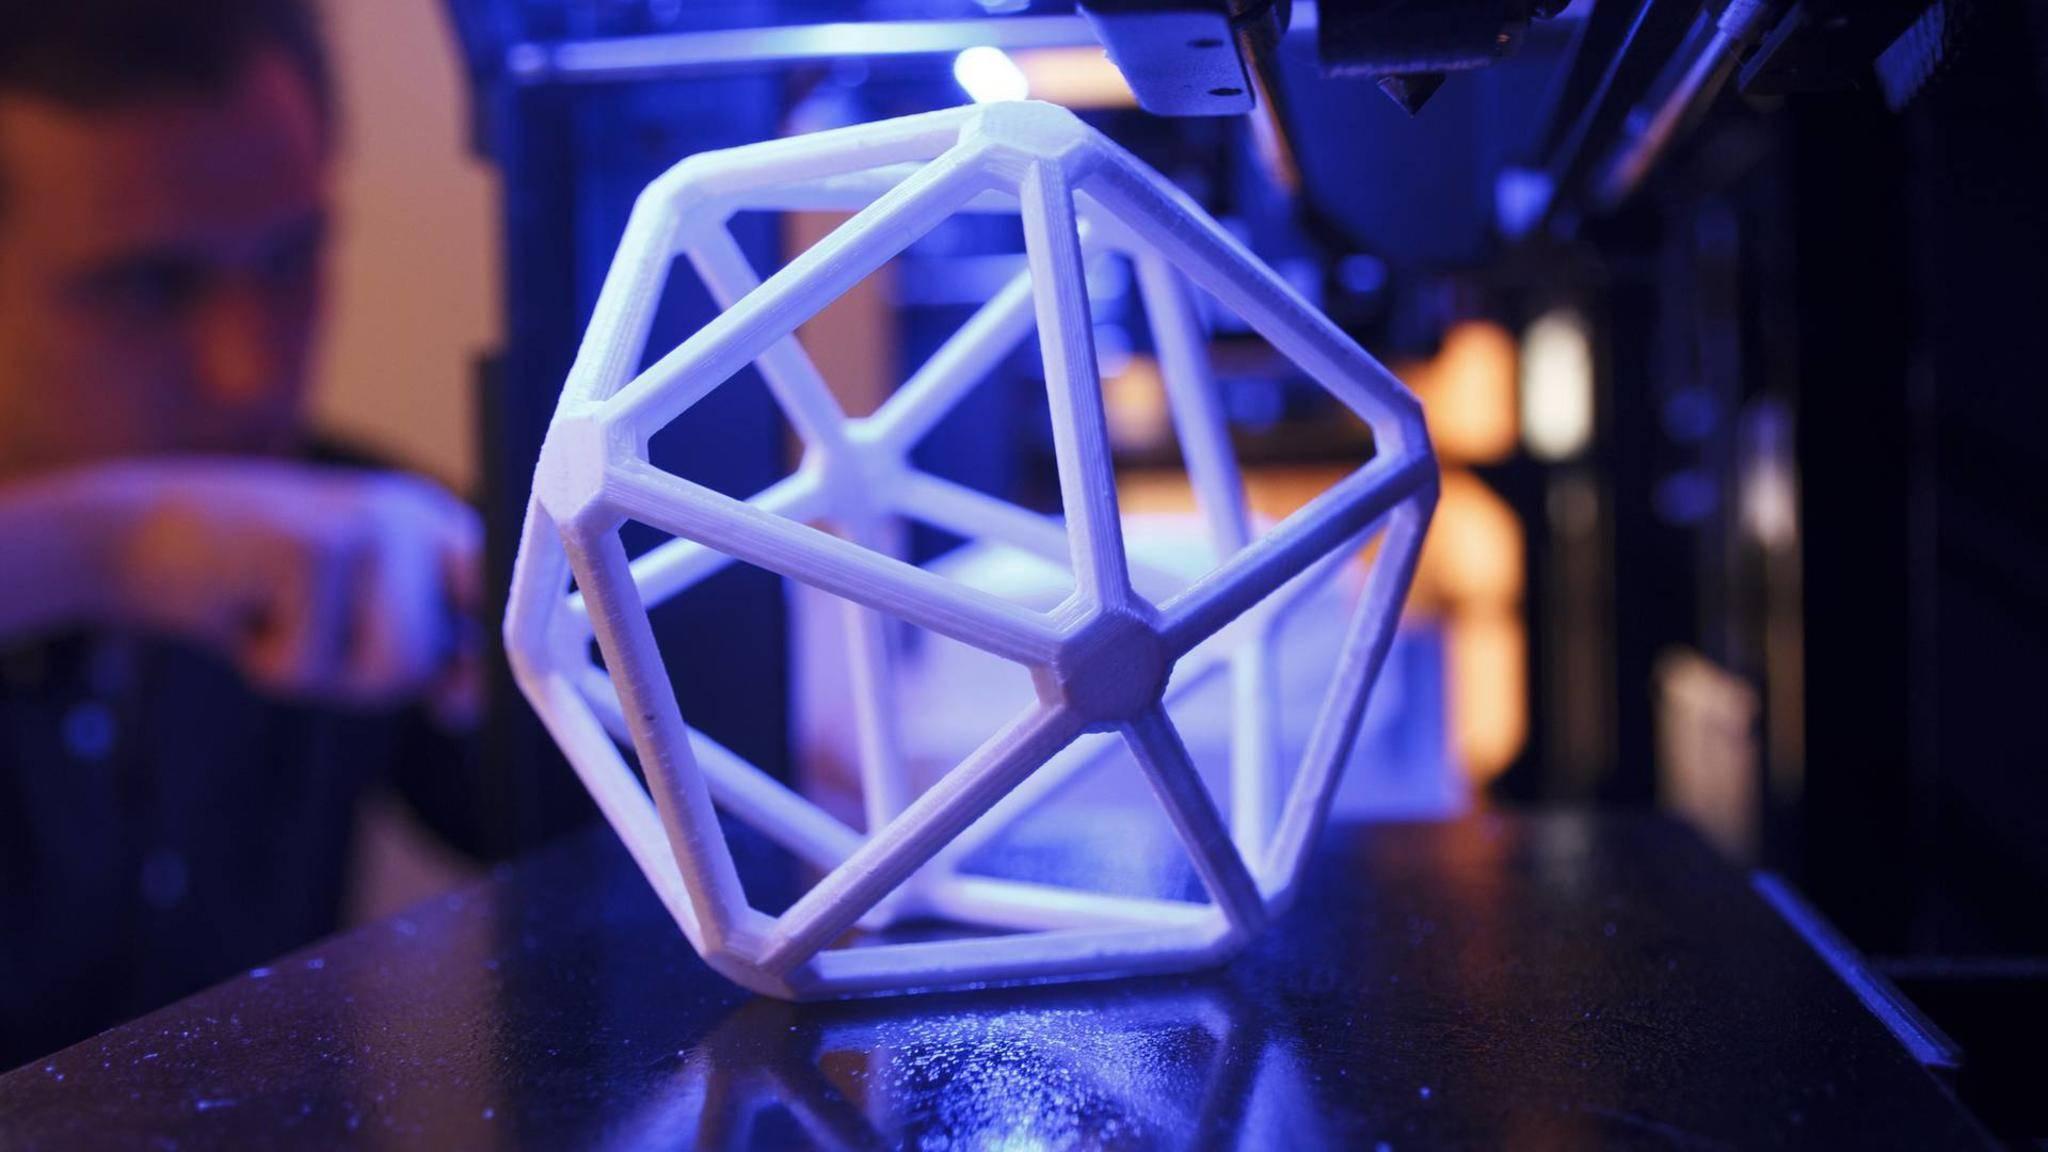 Wir verraten Dir, wo Du geniale 3D-Drucker-Vorlagen findest.